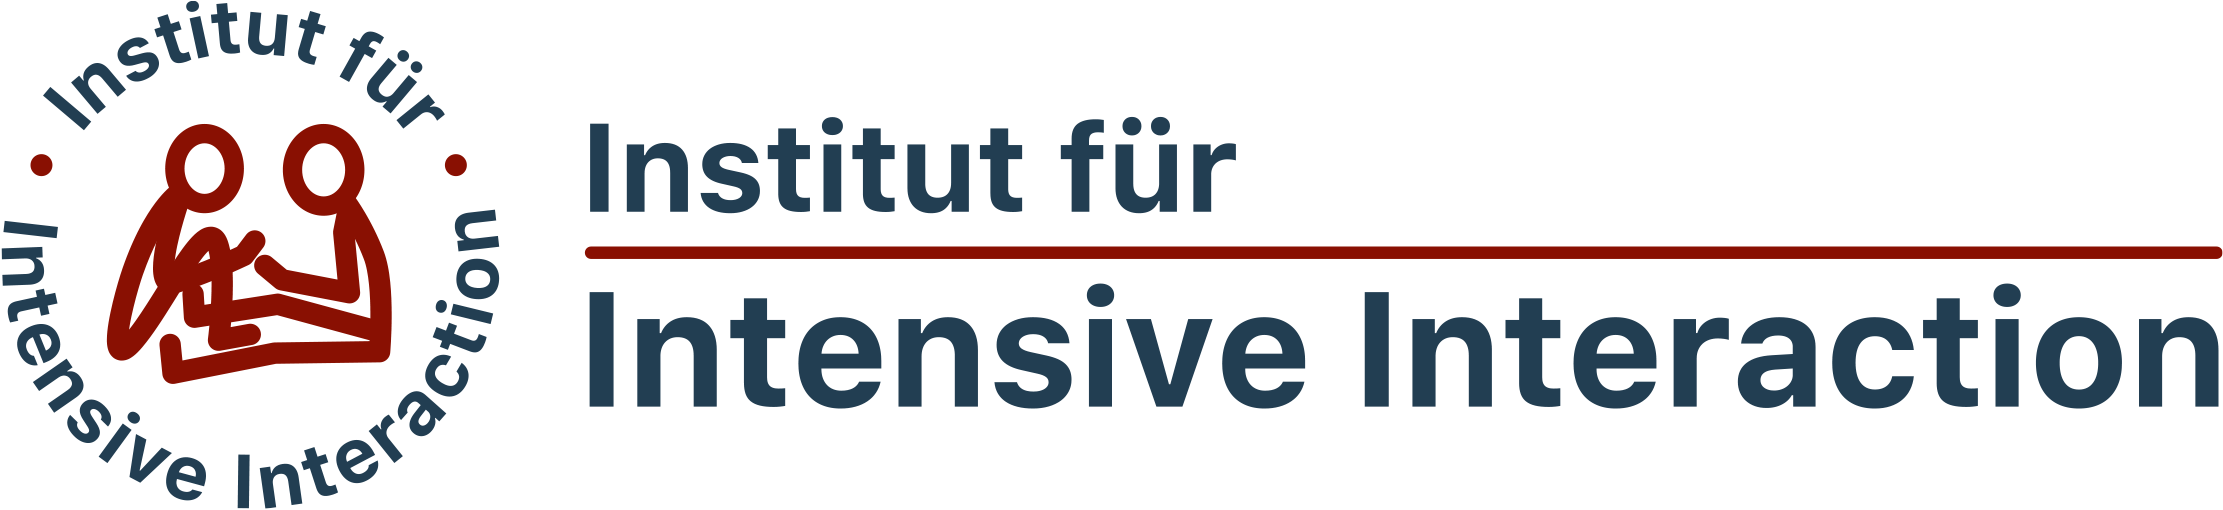 Institut für Intensive Interaction